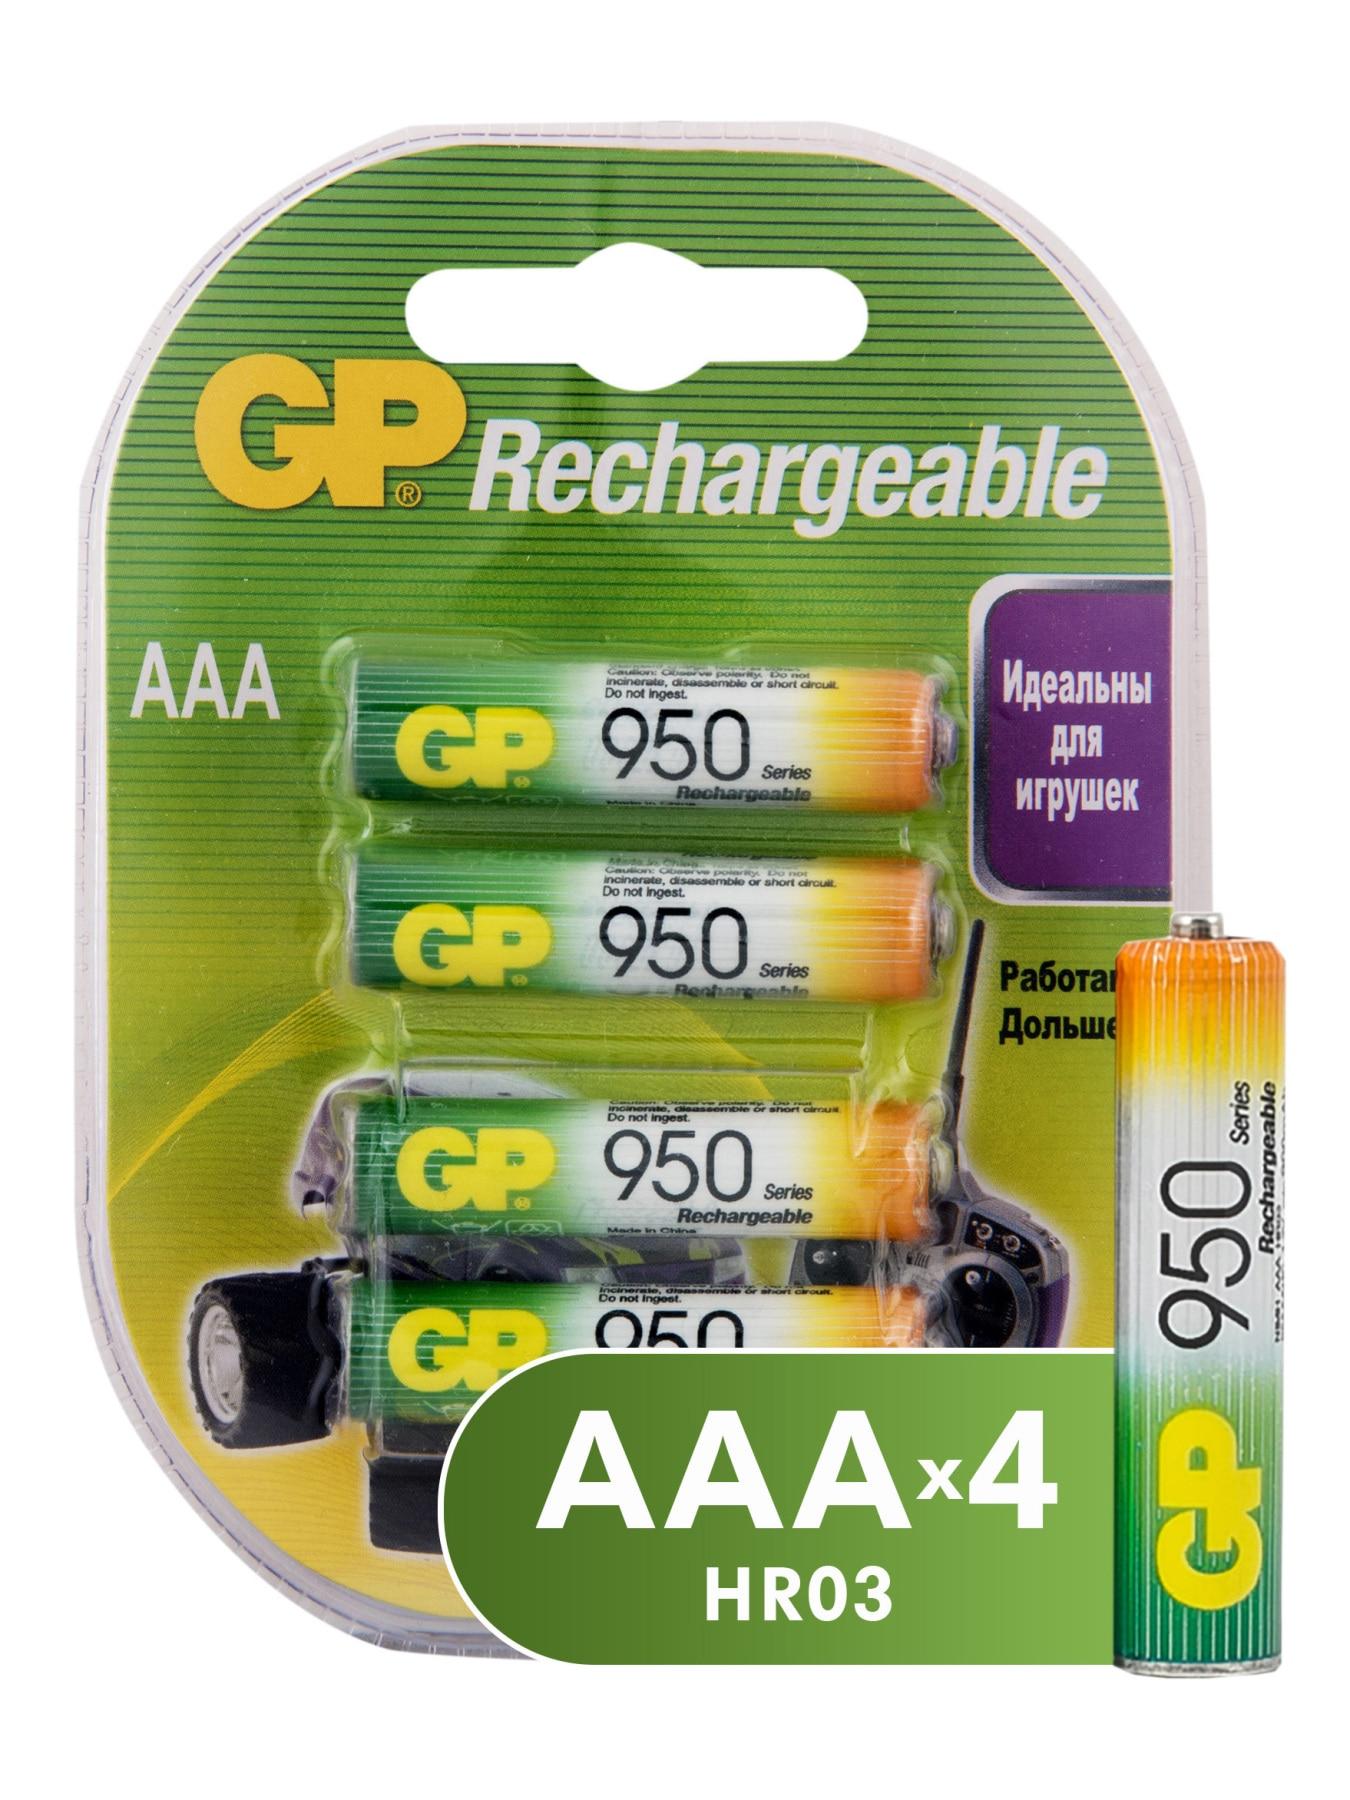 Комплект NiMH аккумуляторов GP АAА (HR03) для детских игрушек, 900 мАч, 4 шт (GP 95AAAHC-2DECRC4), 1.2 V